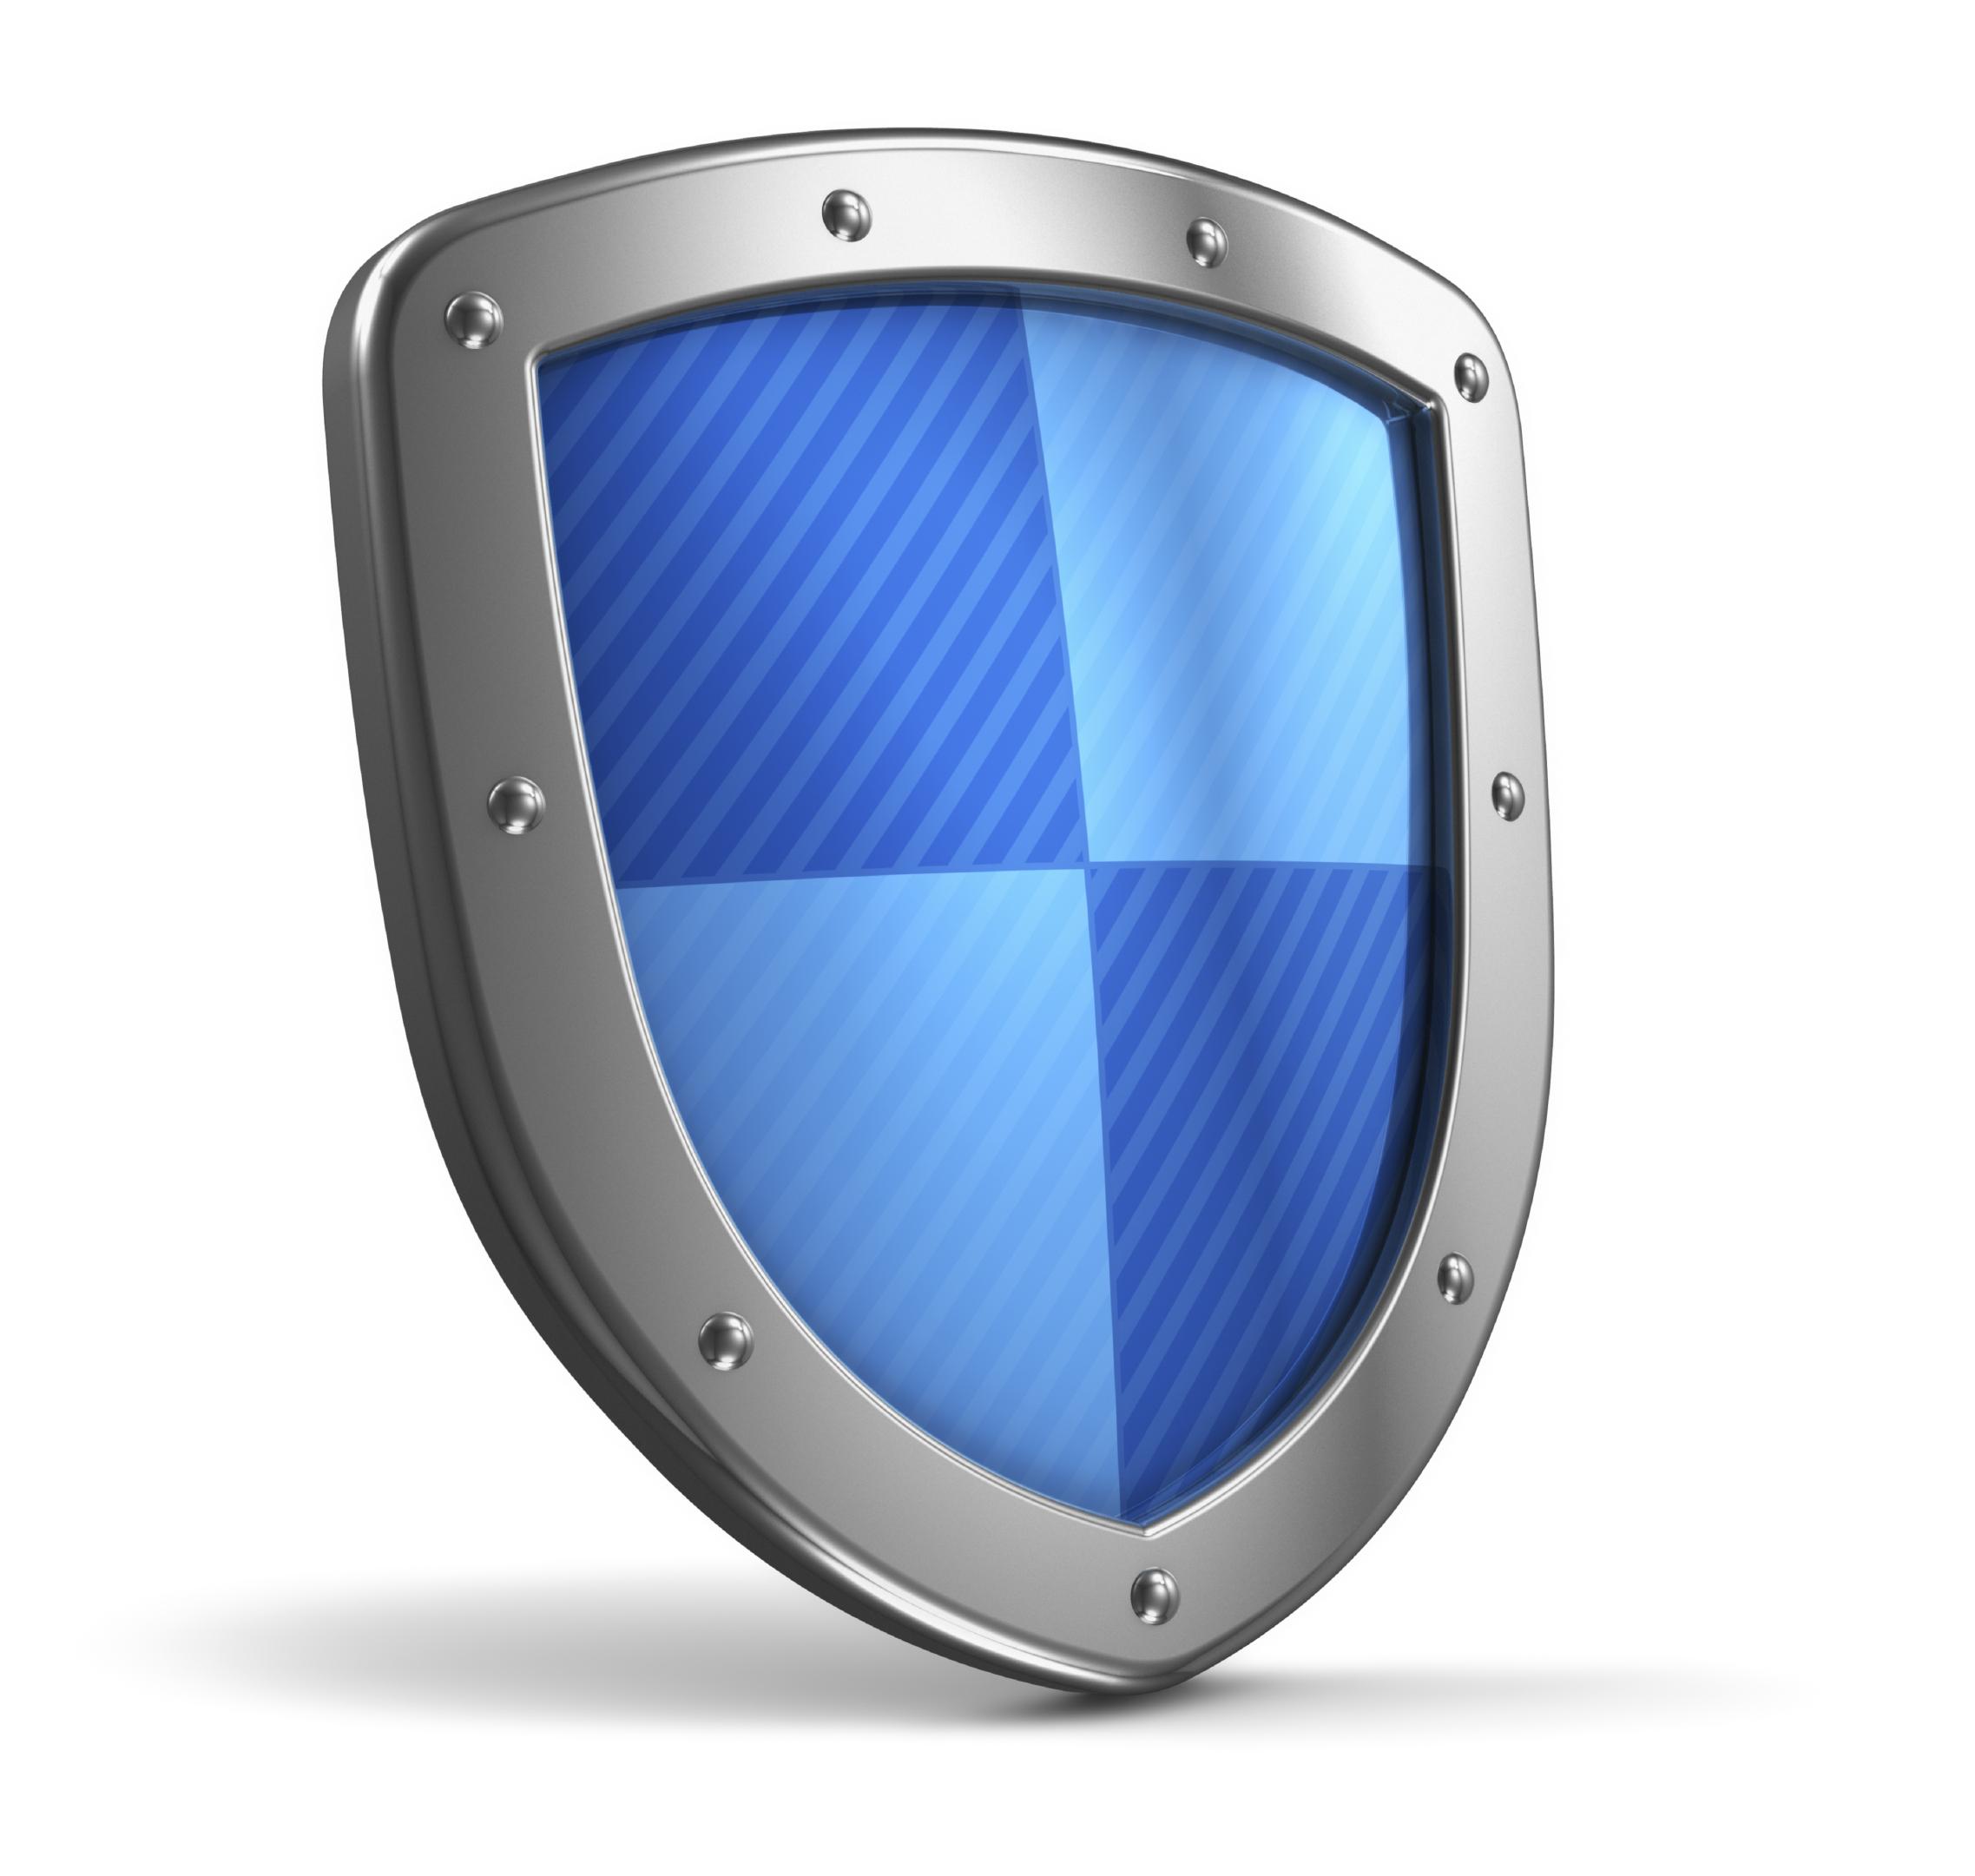 محافظت از فایل wp-config.php بوسیله htaccess